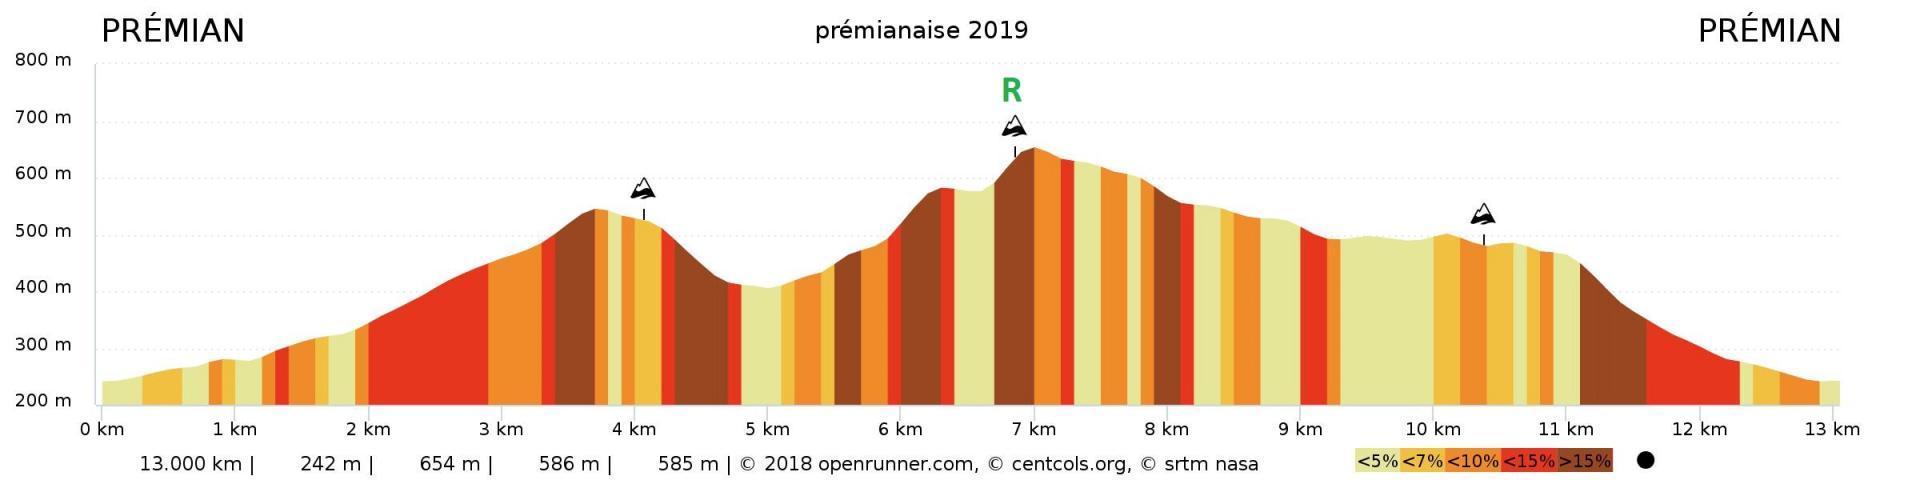 Profil pre mianaise 2019